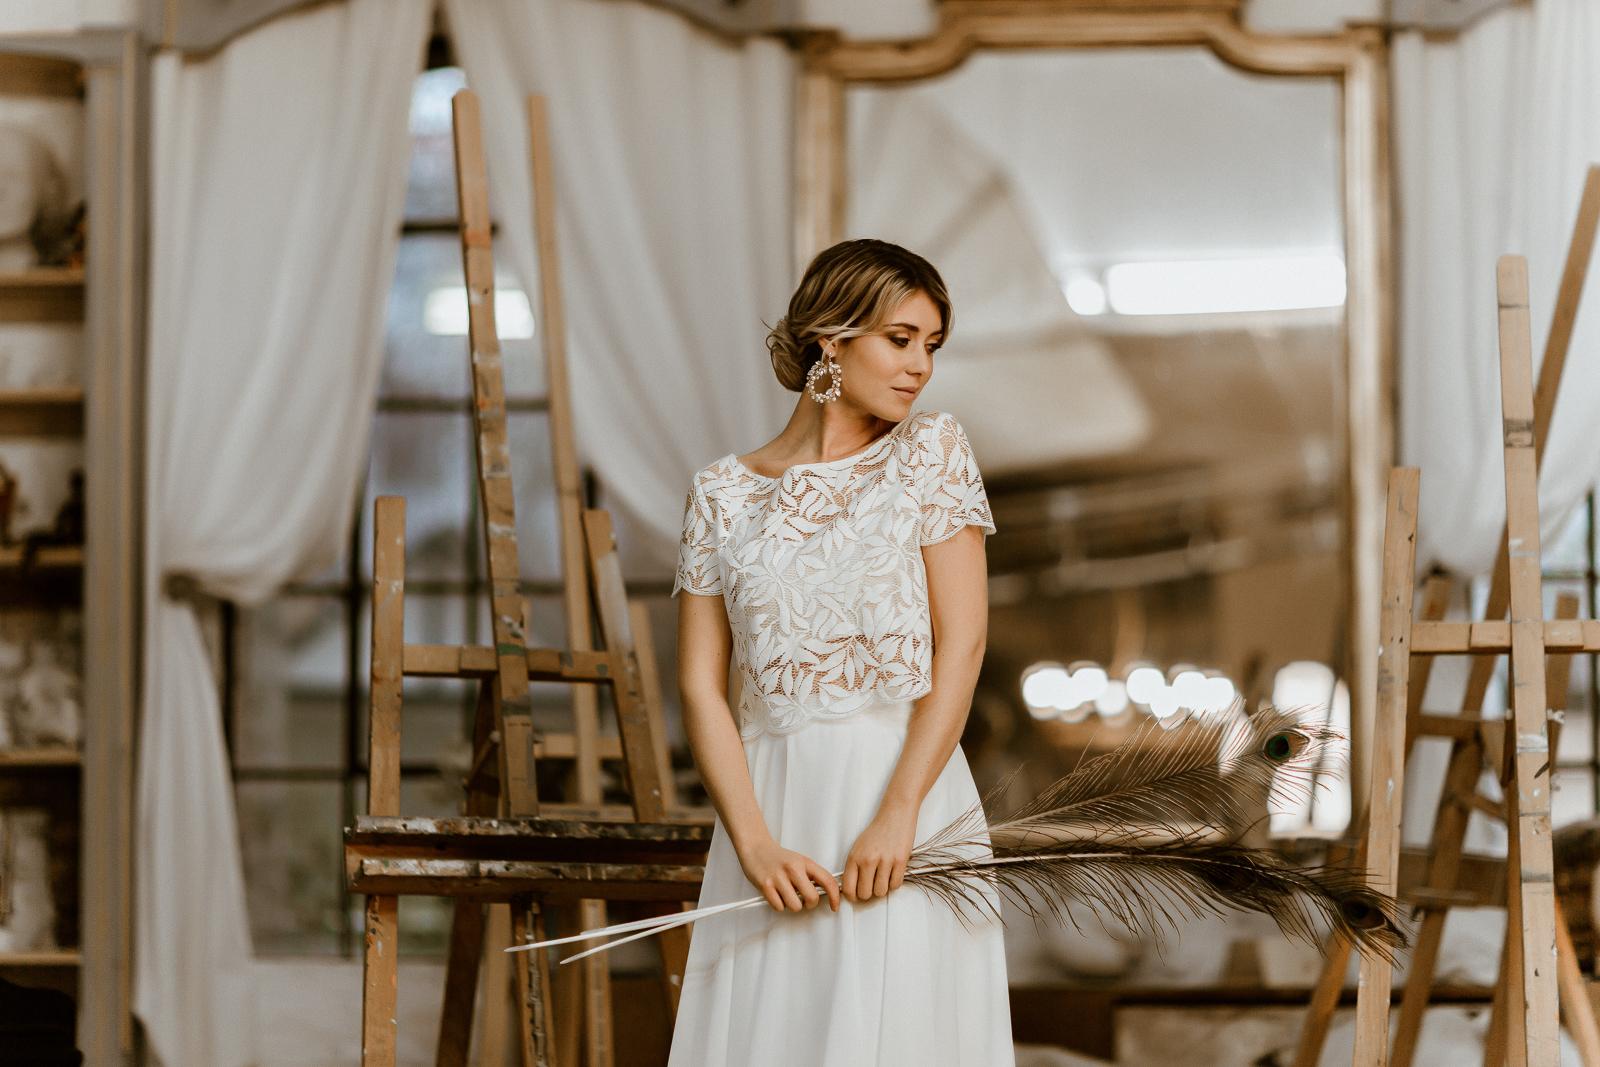 Zweiteiliges Midi-Brautkleid mit Botanik-Top und Chiffonrock, Vorderansicht